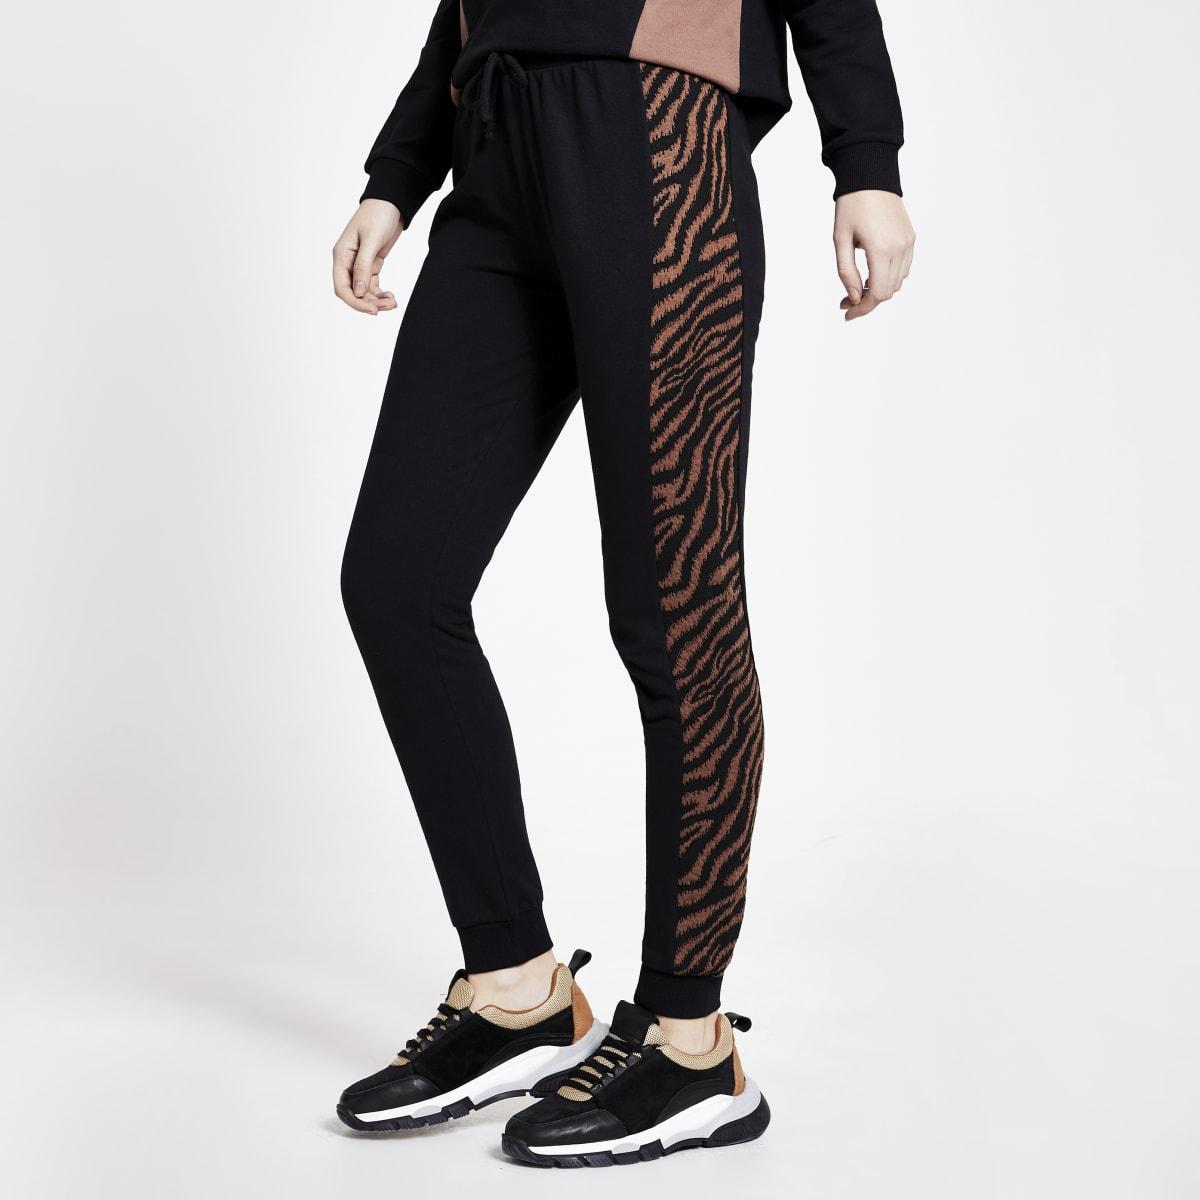 Pantalons de jogging noirs à imprimé animalcontrastant